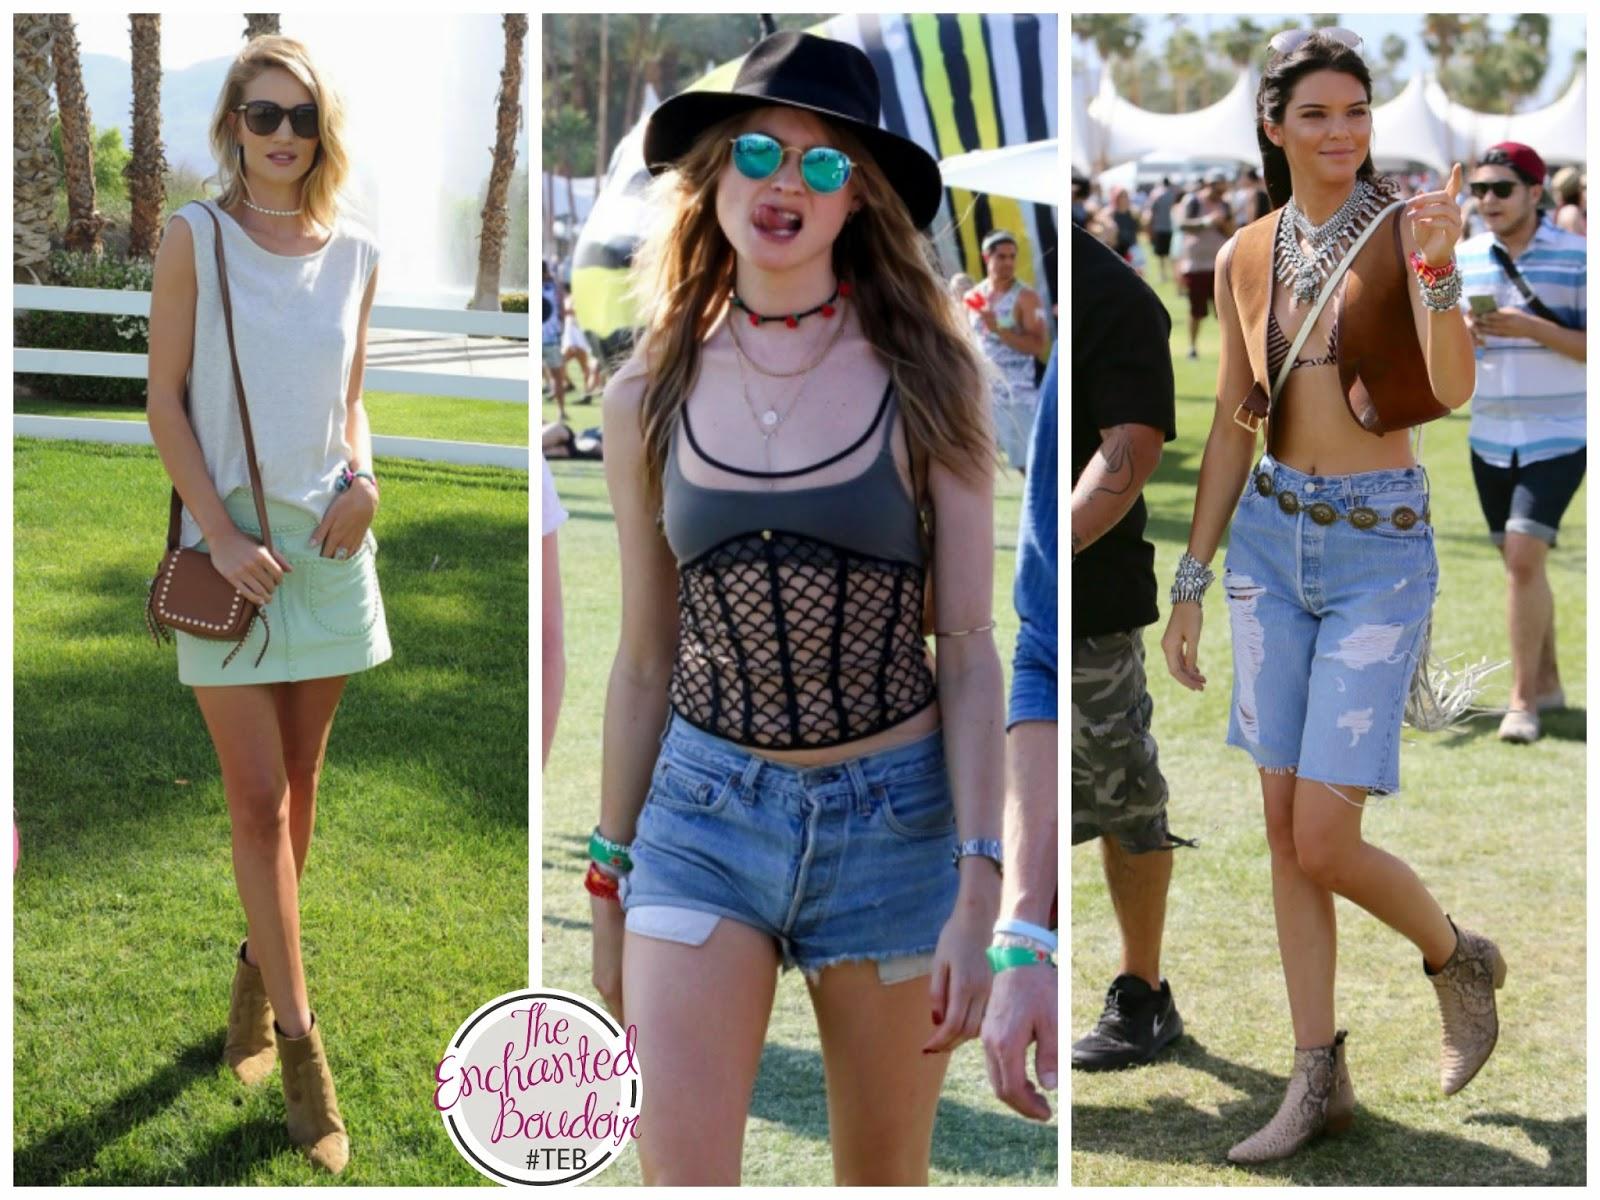 Coachella 2015 Weekend 1